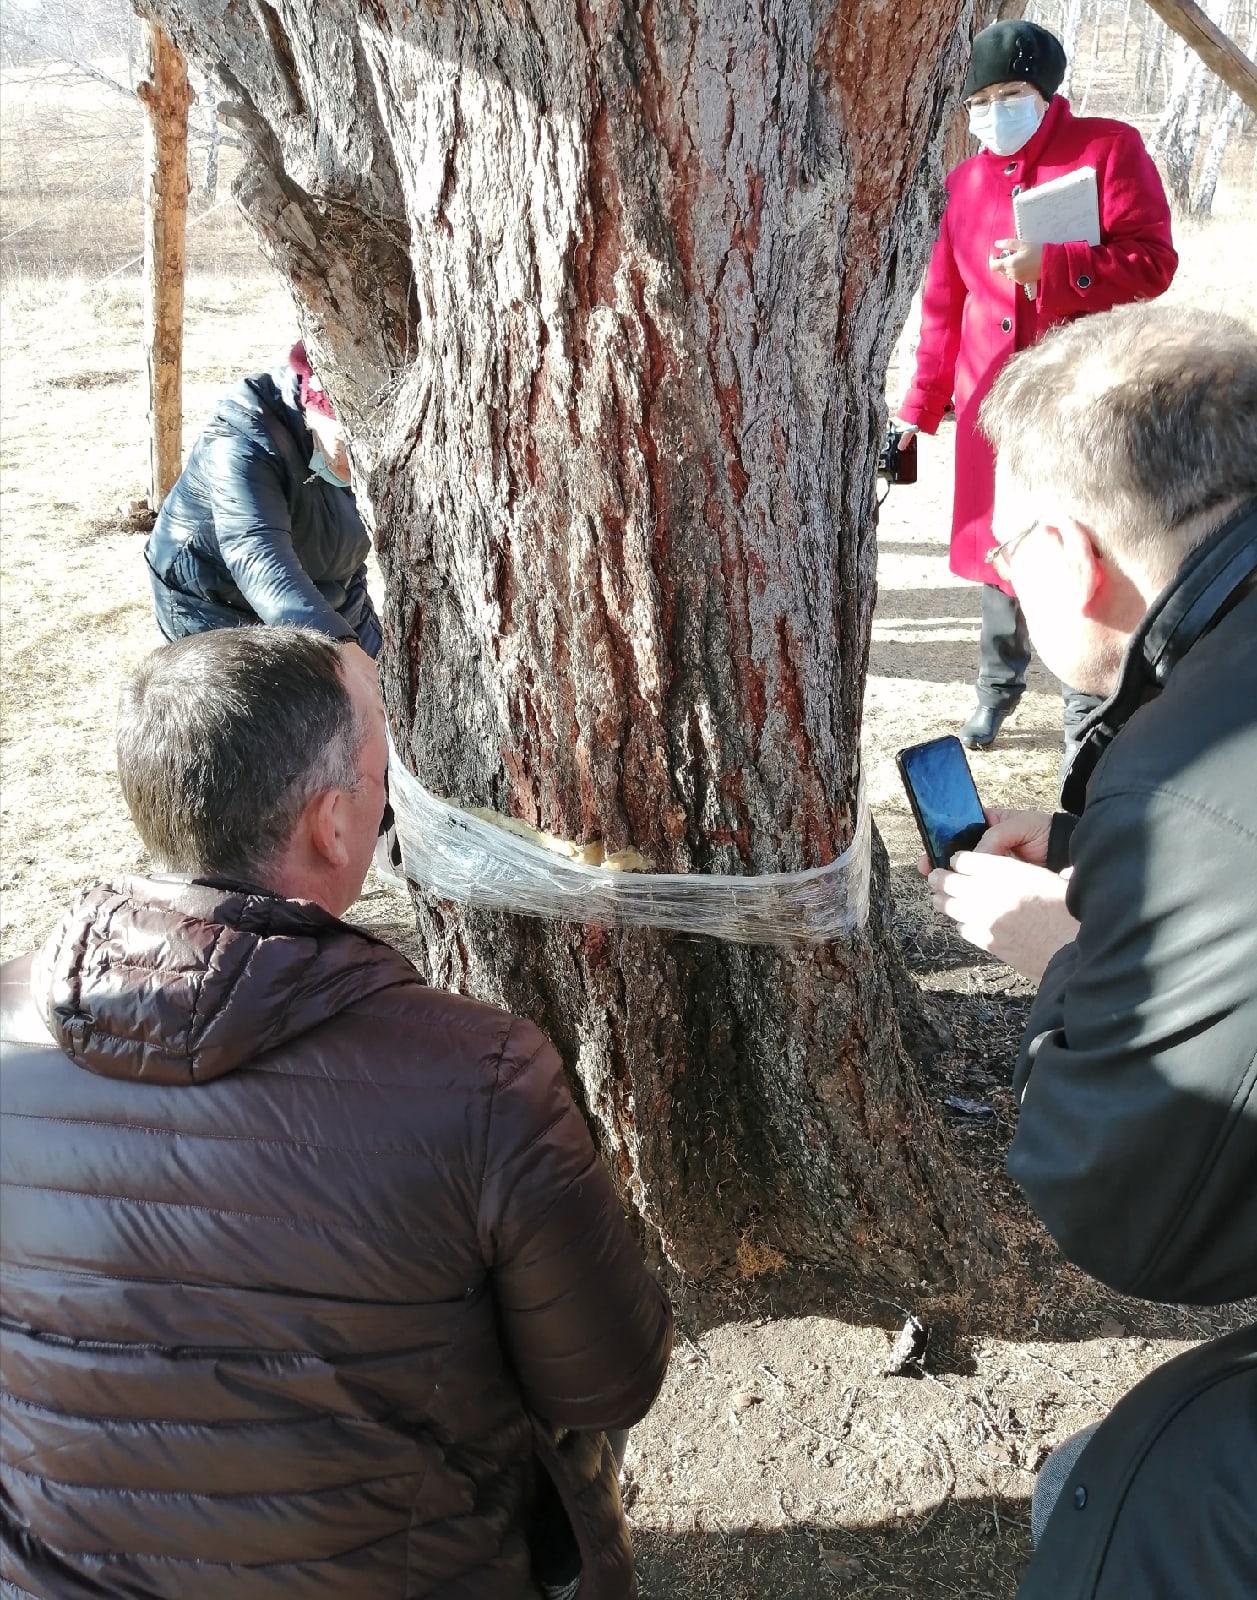 Пропилы замазали садовым варом и замотали пищевой пленкой, чтобы зимой поврежденные ткани дерева не замерзли